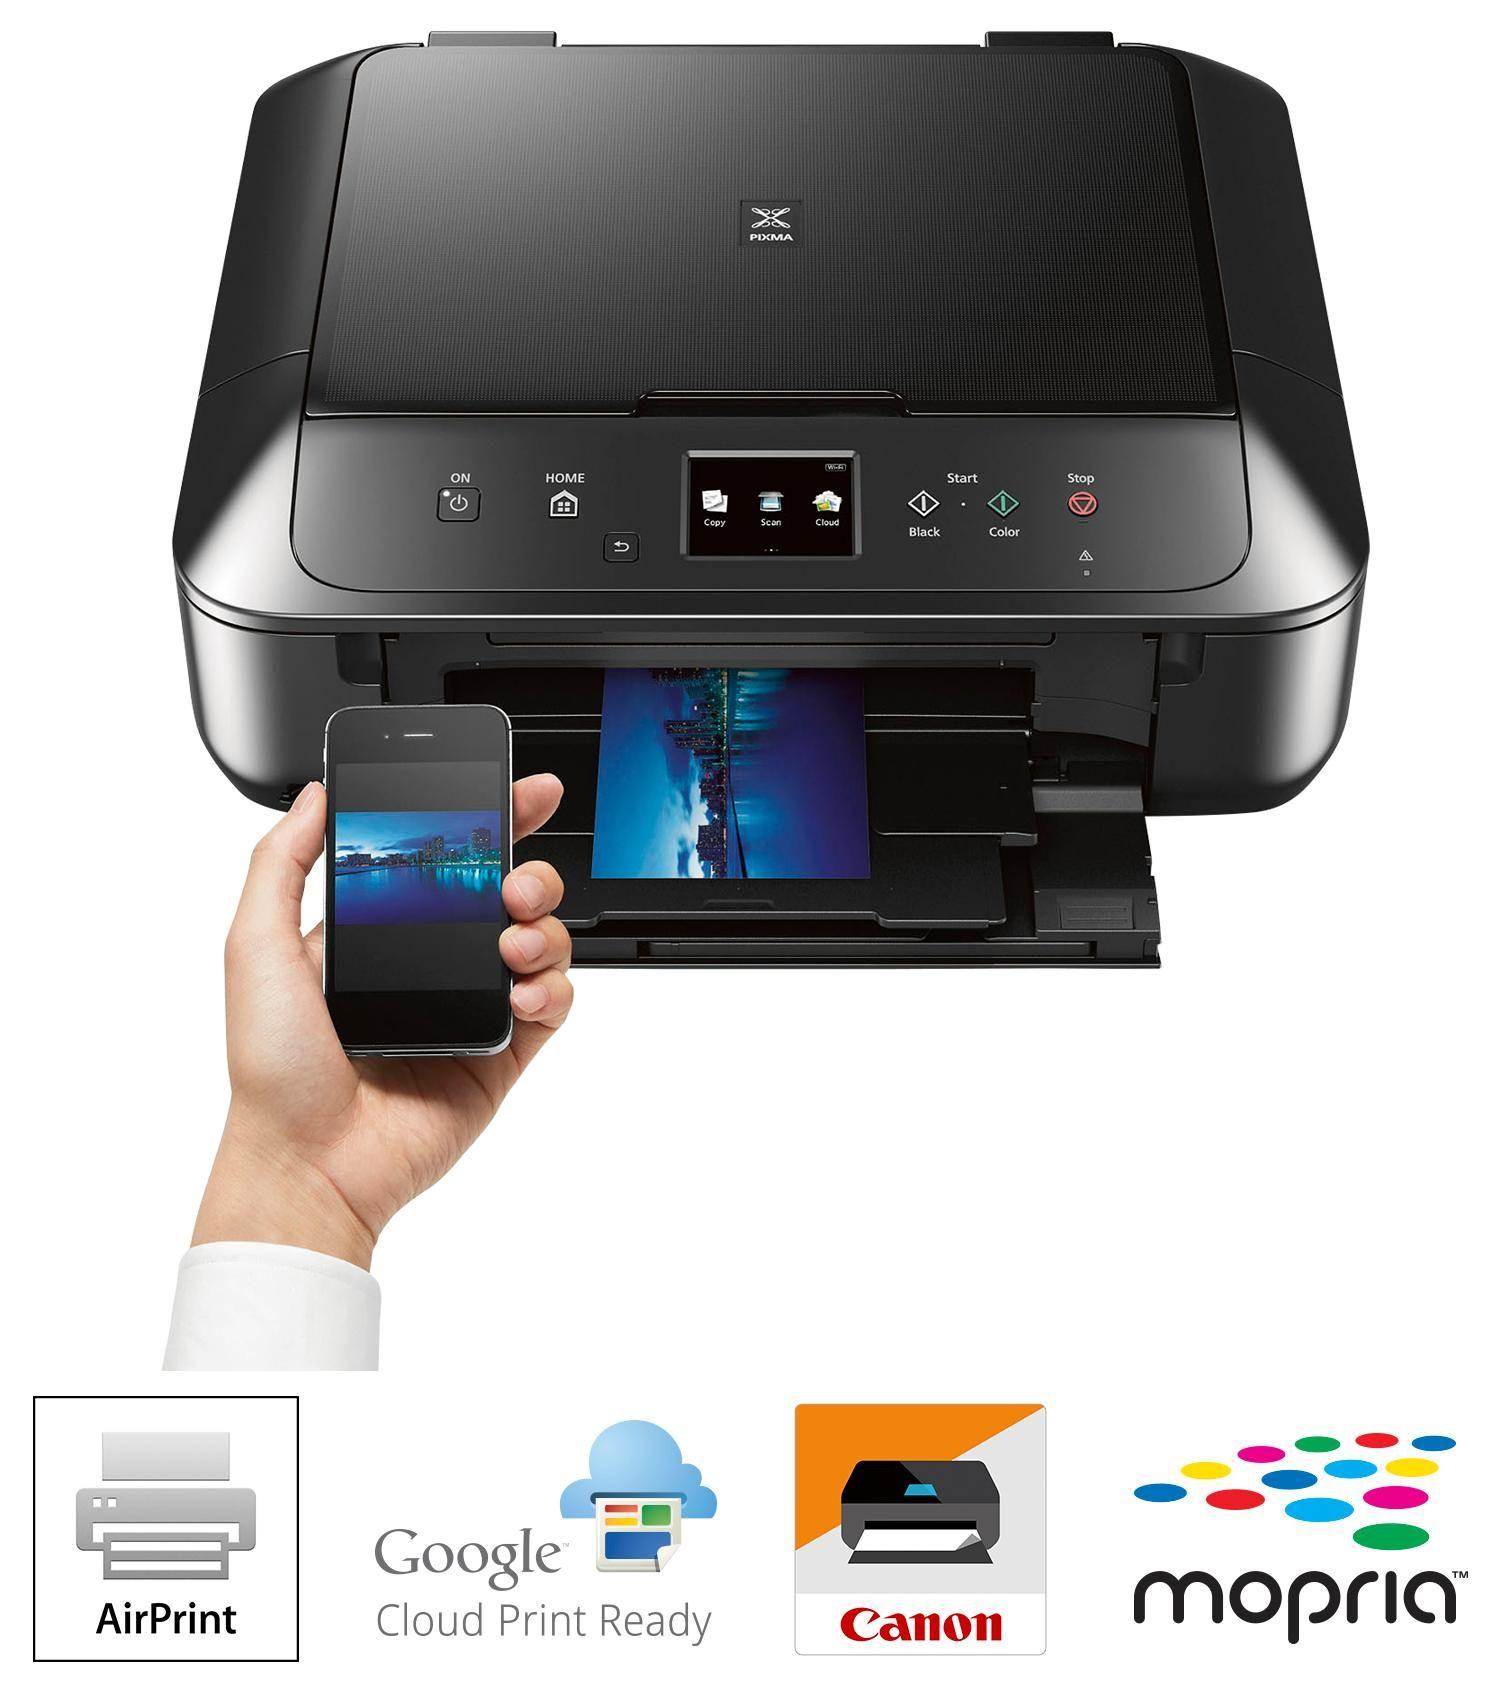 Canon MG6820 Wireless AllInOne Printer with